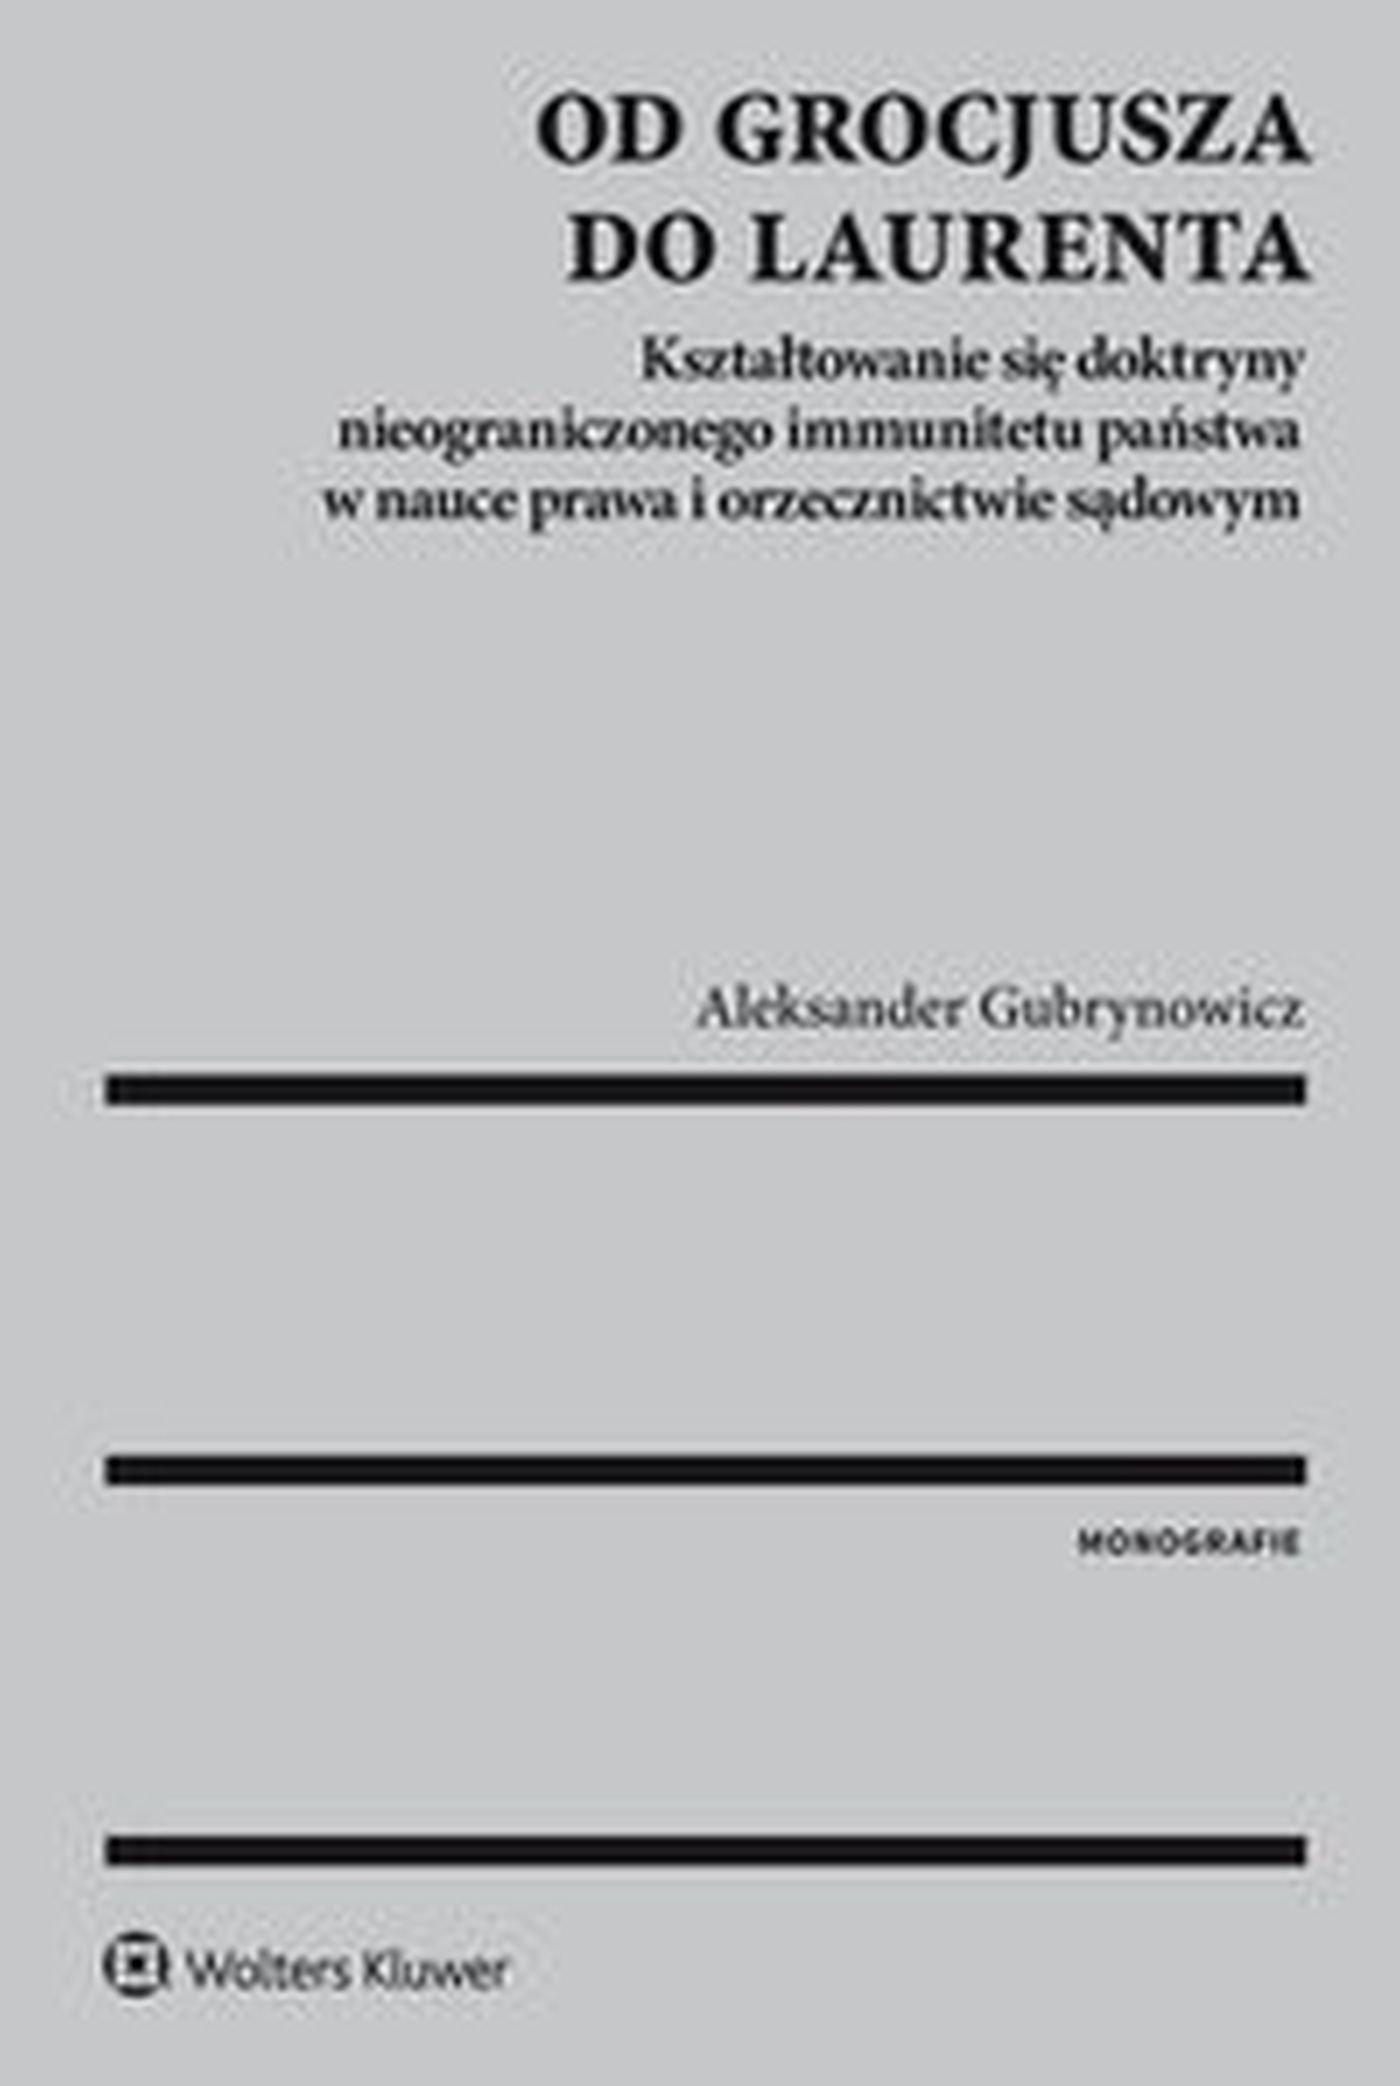 Od Grocjusza do Laurenta. Kształtowanie się doktryny nieograniczonego immunitetu państwa w nauce prawa i orzecznictwie sądowym - Ebook (Książka EPUB) do pobrania w formacie EPUB